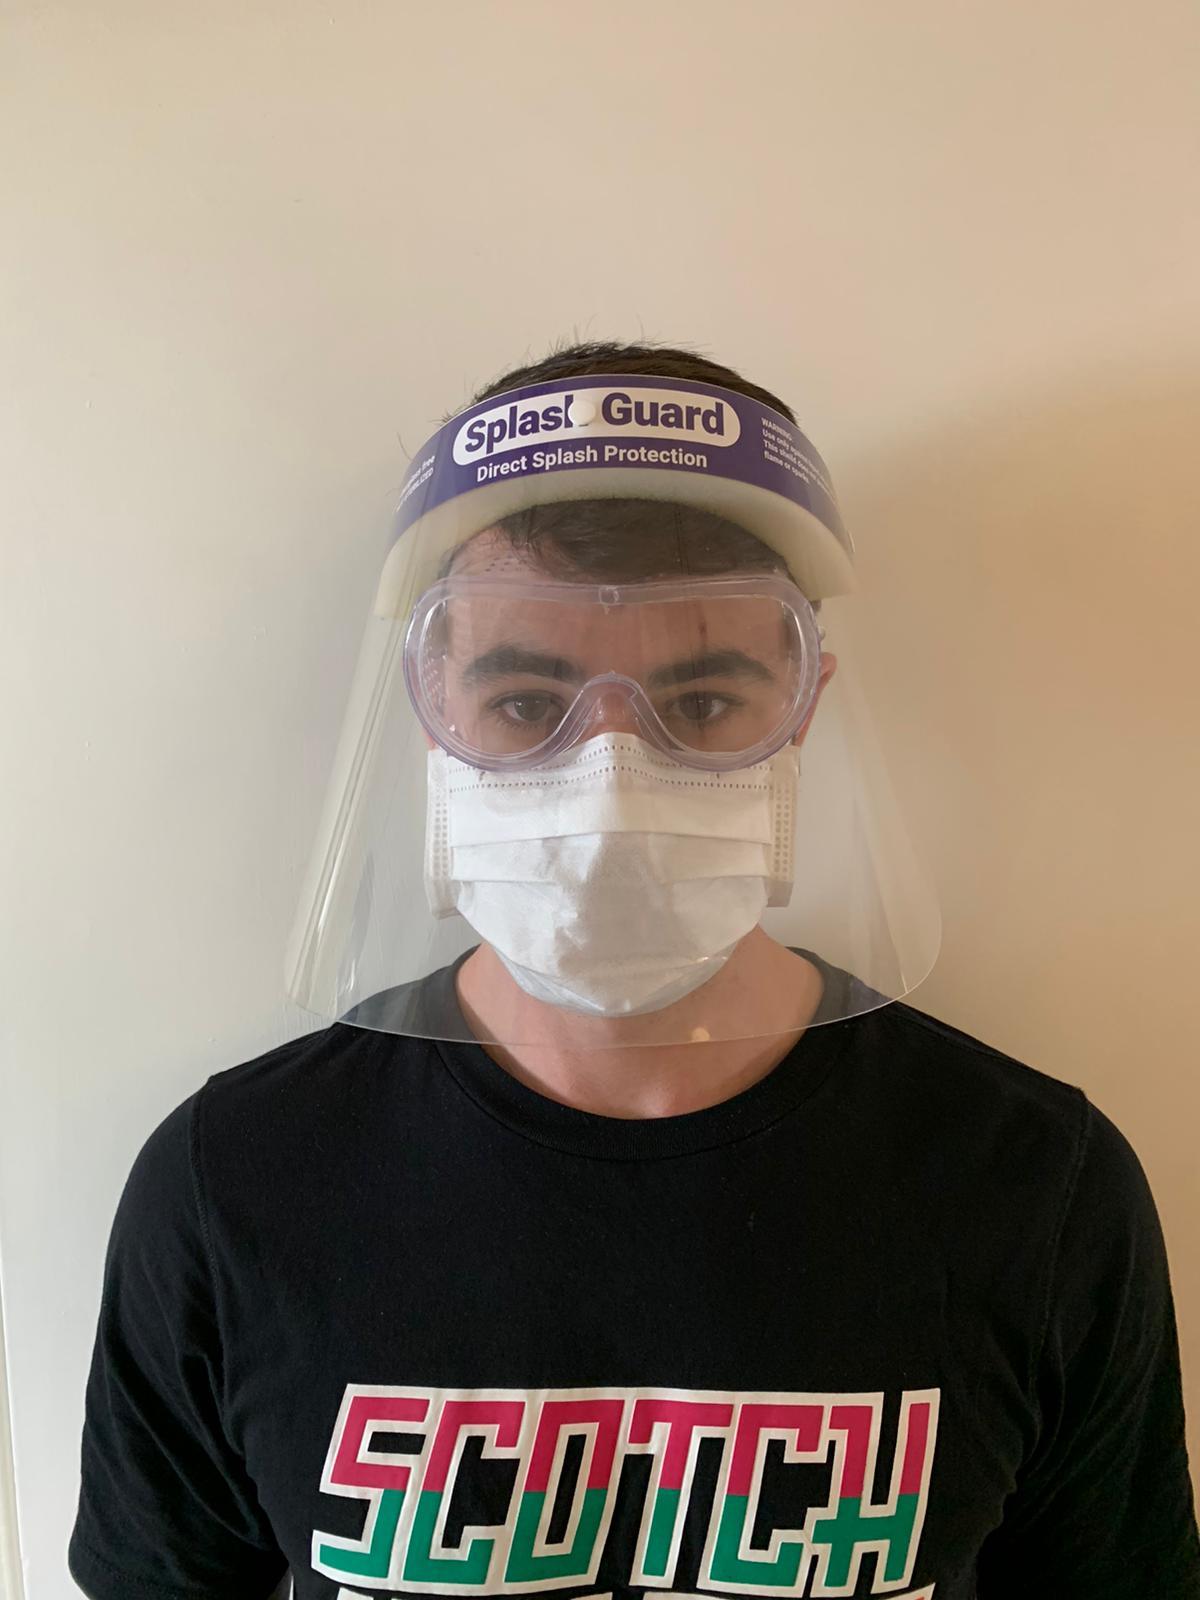 20 יחידות - מסיכת מגן פנים - Splash guard - מסכת הגנה רב פעמית נגד התזה PVC להגנה על הפנים